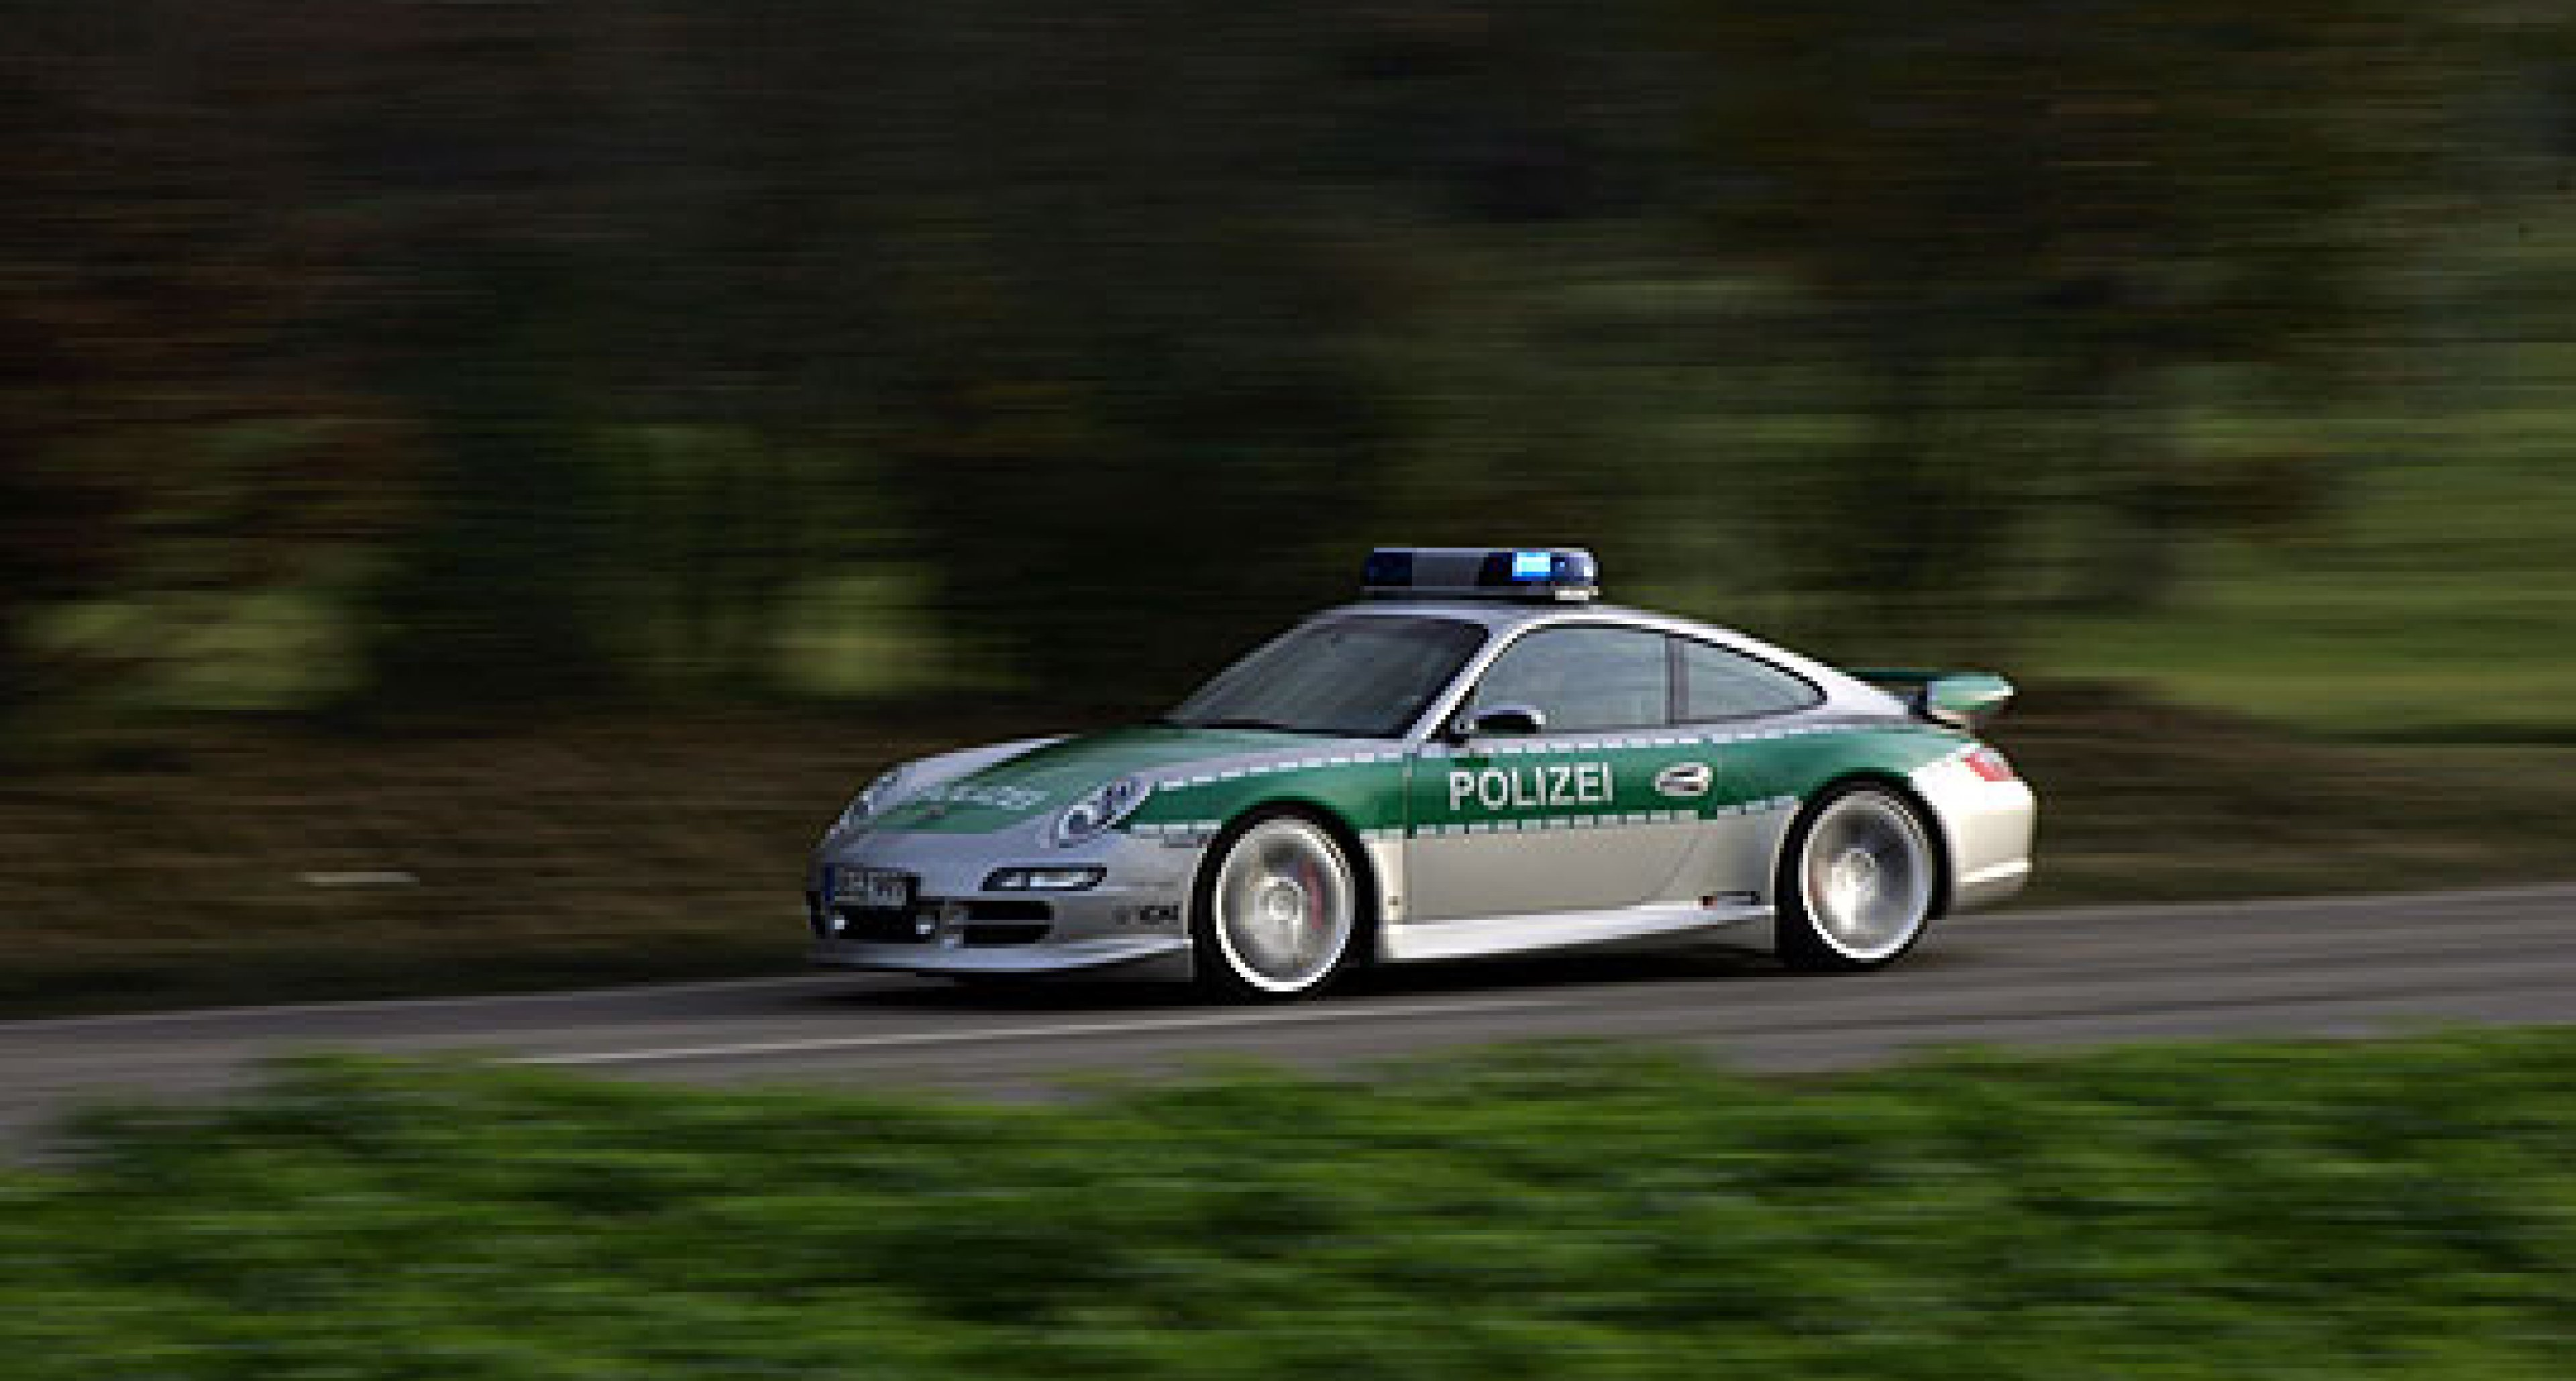 Porsche im Einsatz: Polizeiruf 911